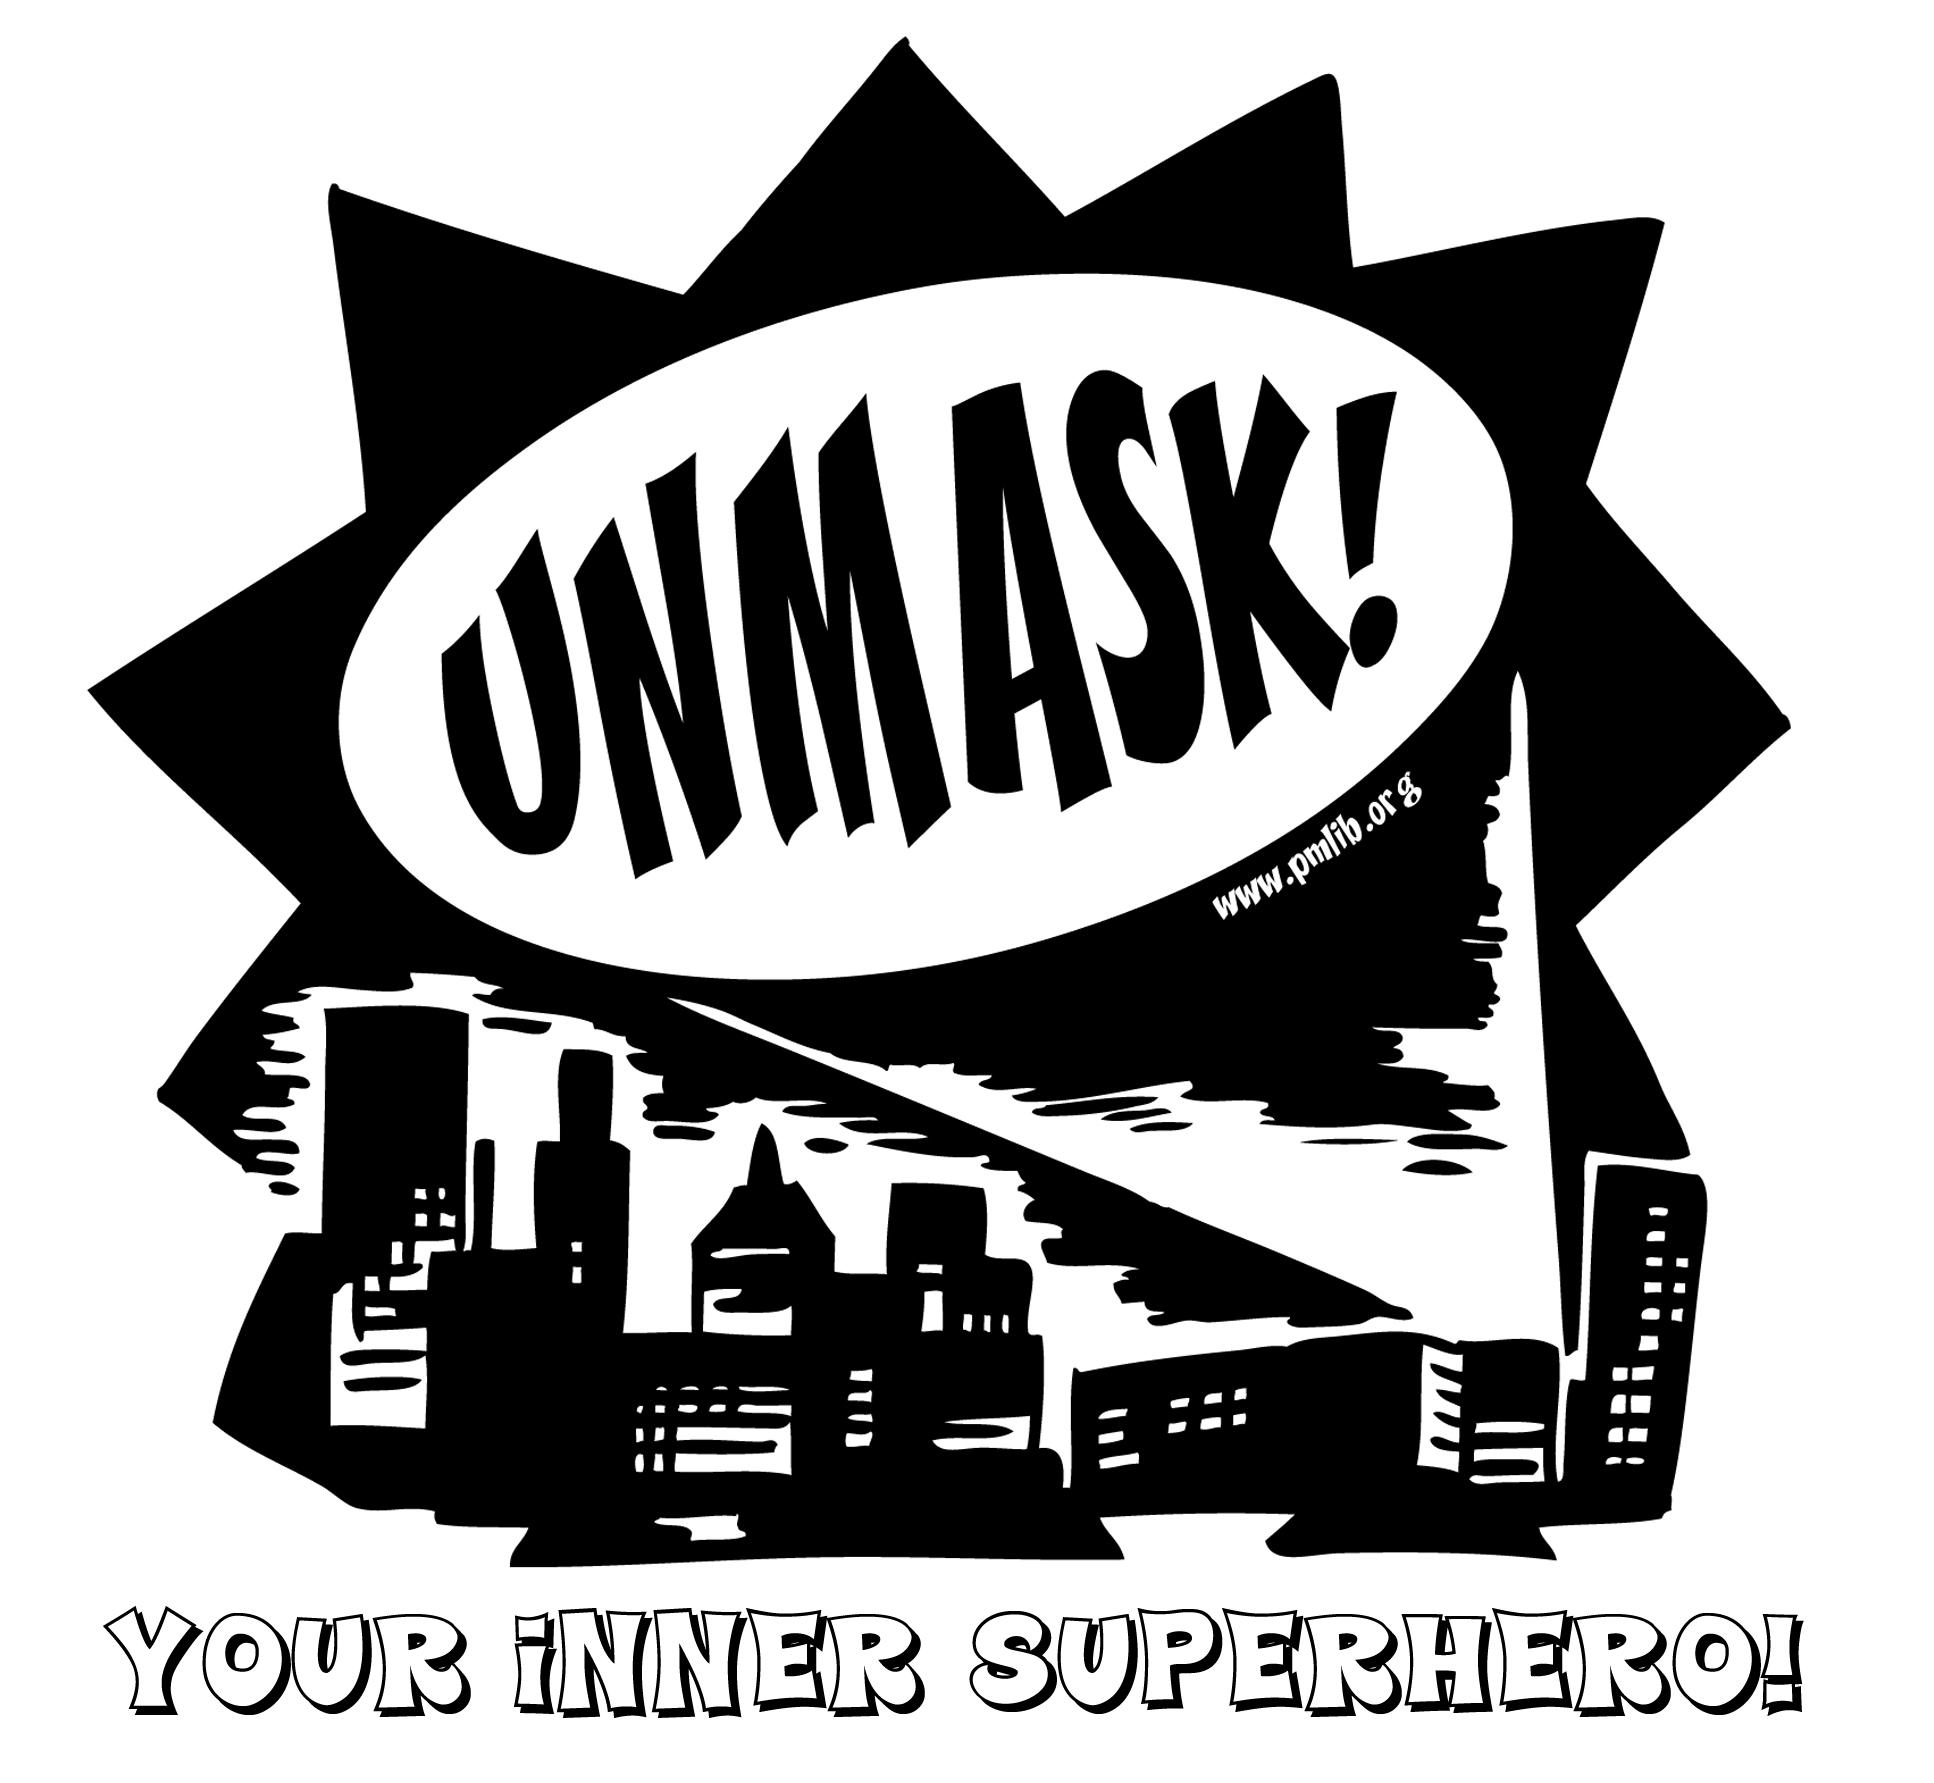 Unmask your inner superhero logo ff8d6616